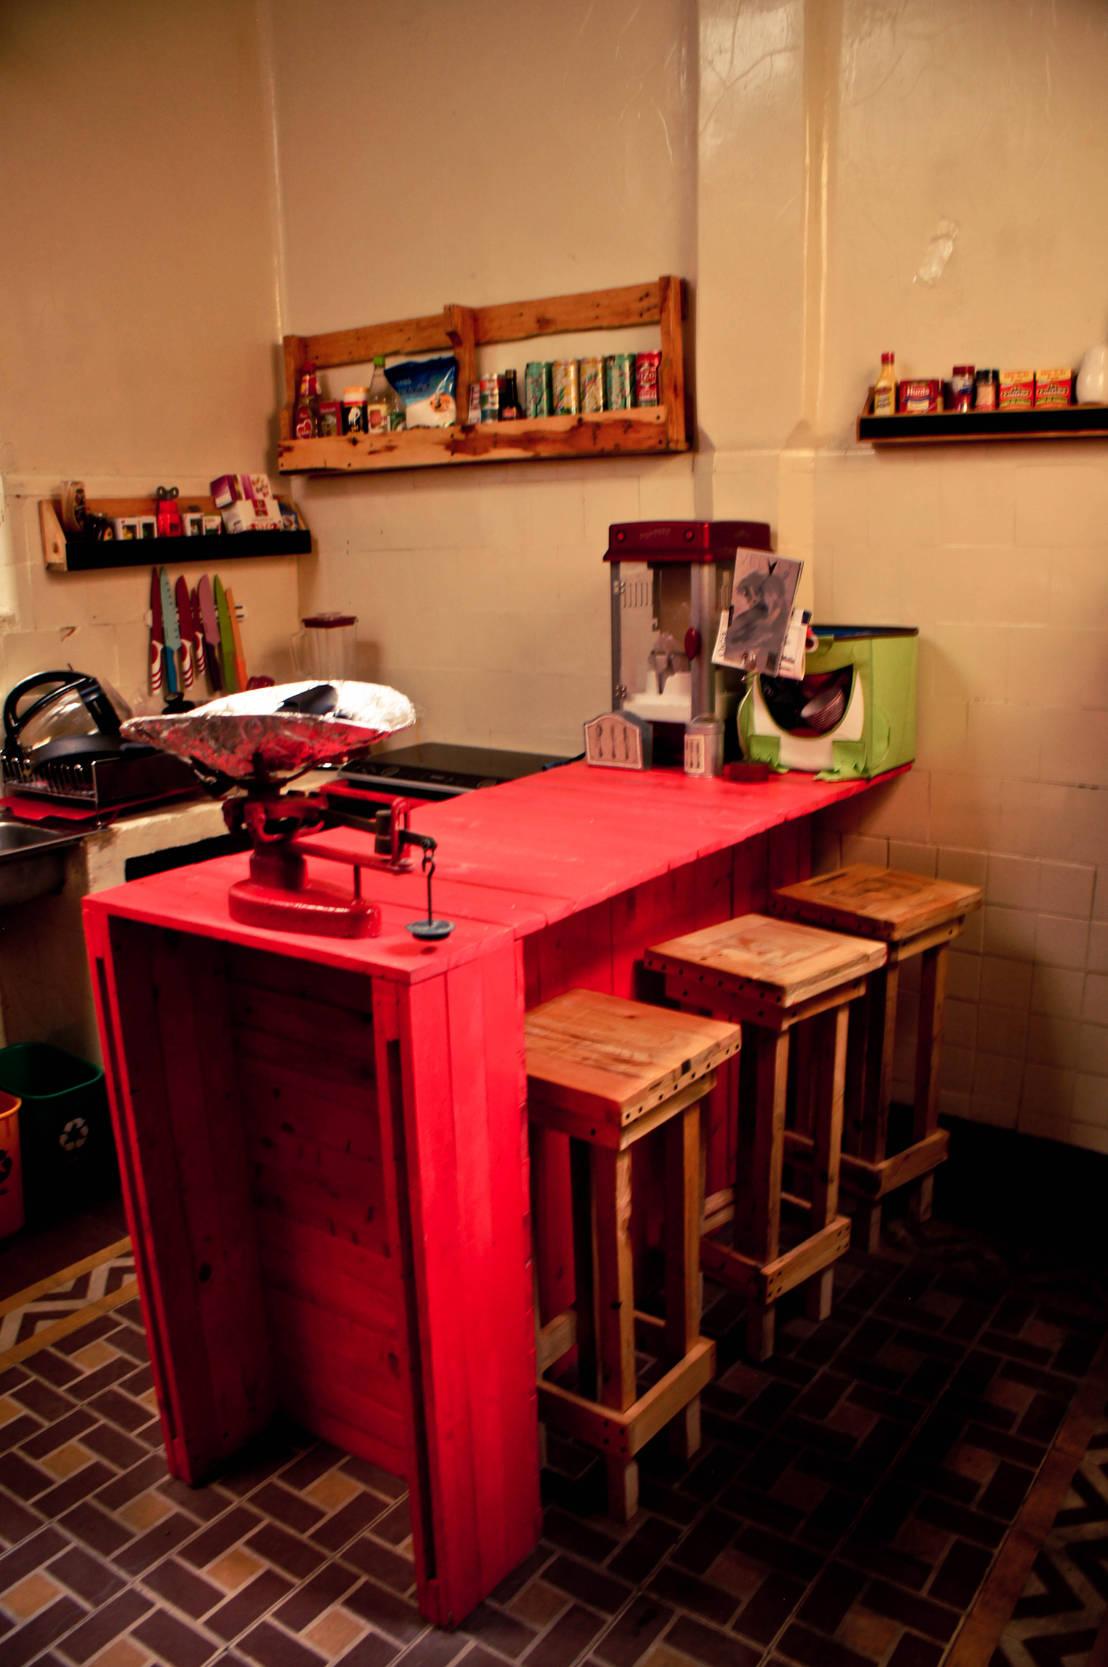 Bancos de cocina nicos y originales elige el tuyo - Bancos de cocina ...